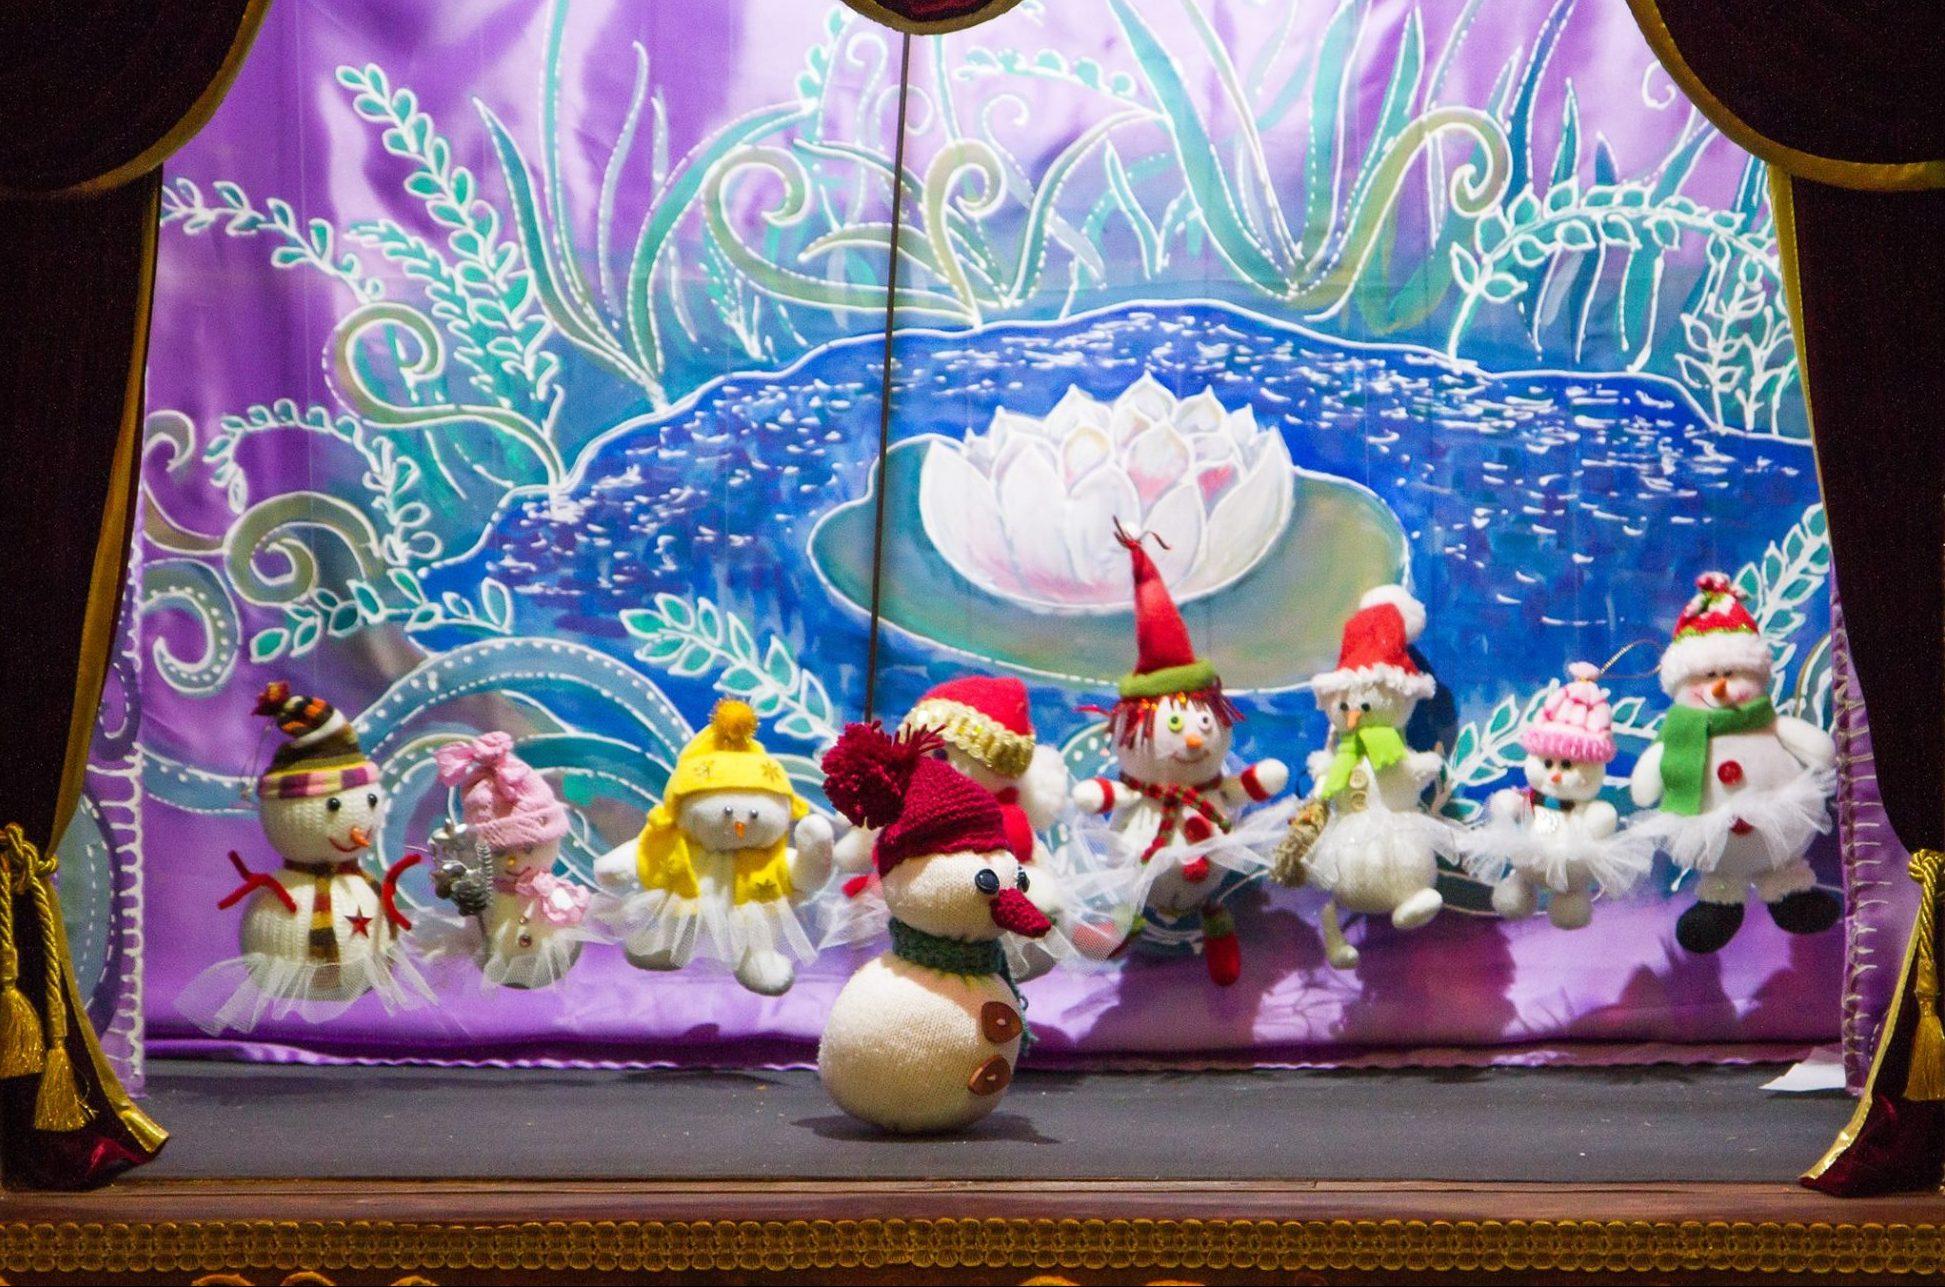 Подаренные ТЮЗу снеговики сделали карьеру в кукольном театре. Фото Натальи Ивацик